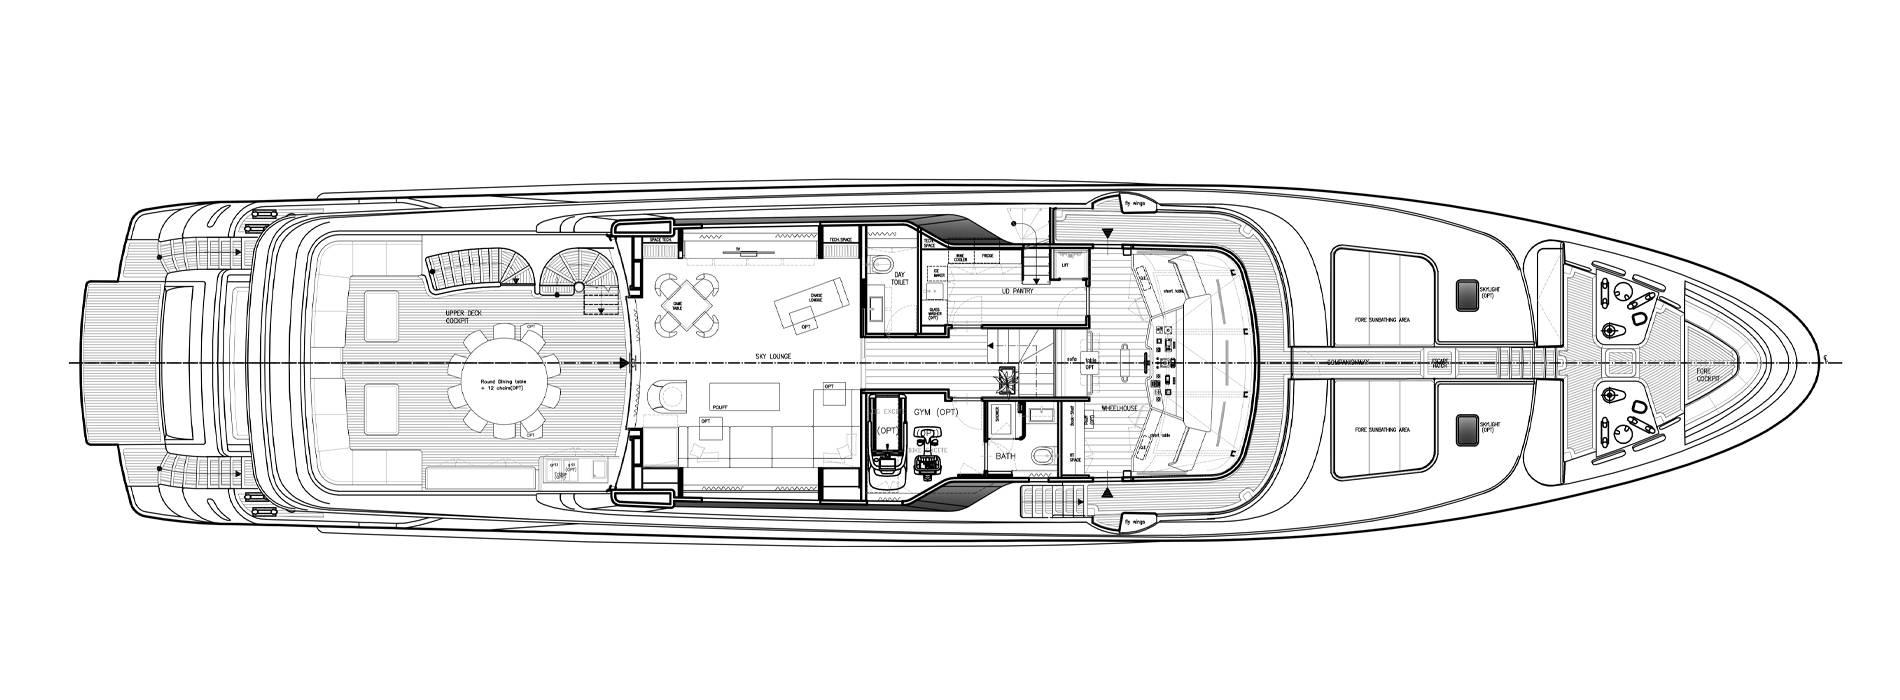 Sanlorenzo Yachts SD122-127 Upper deck